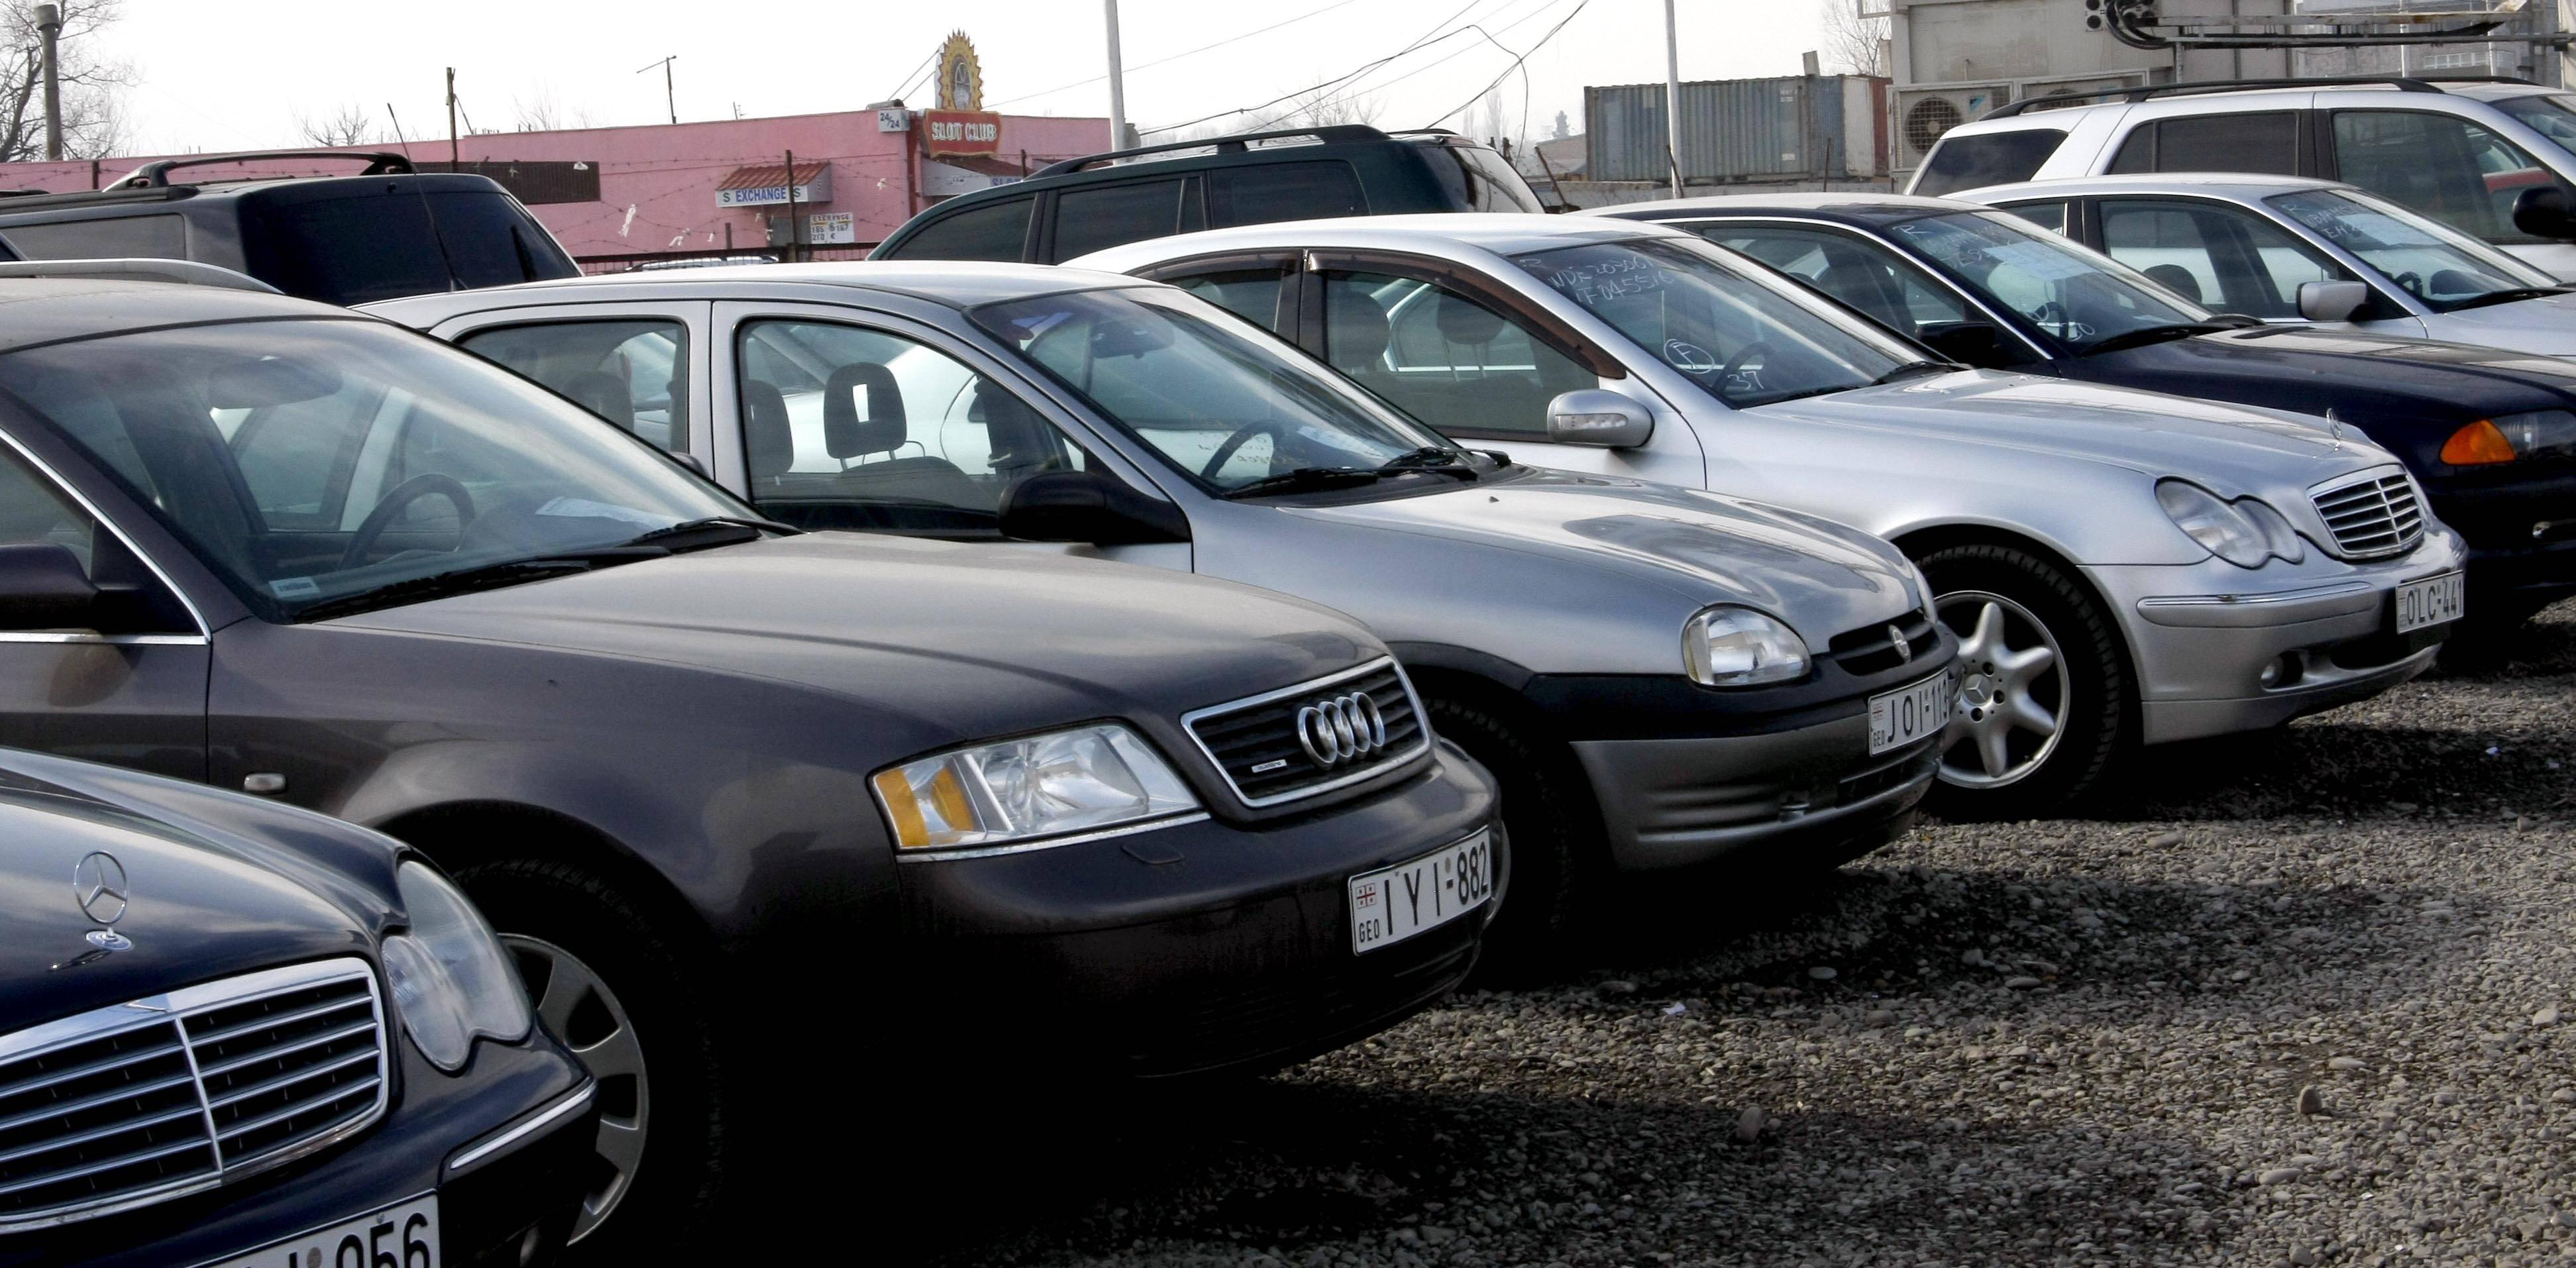 Как взять дешевле авто с пробегом в германии: особенности сделки | eavtokredit.ru